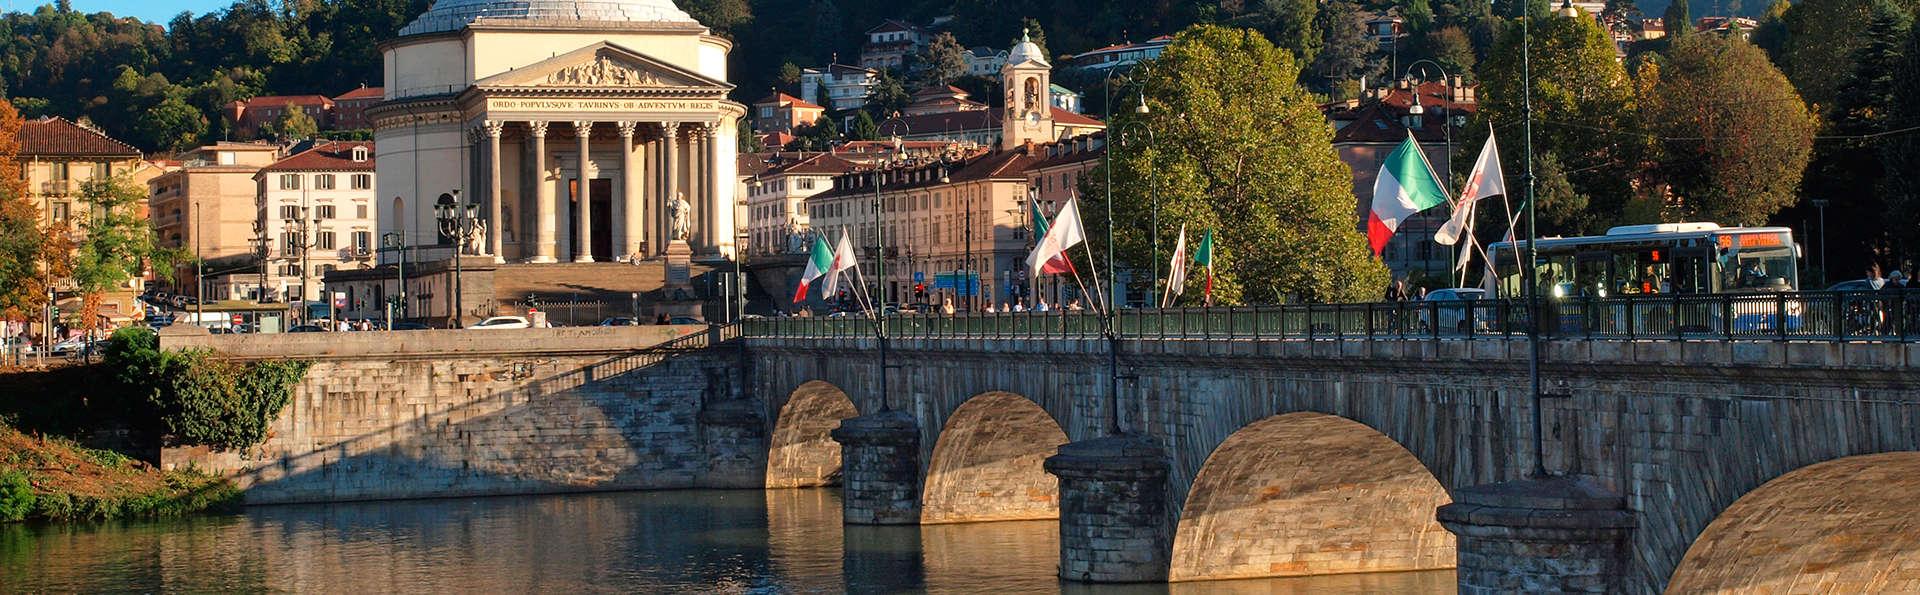 Week-end culture et découverte de Turin avec verre de bienvenue (à partir de 2 nuits)